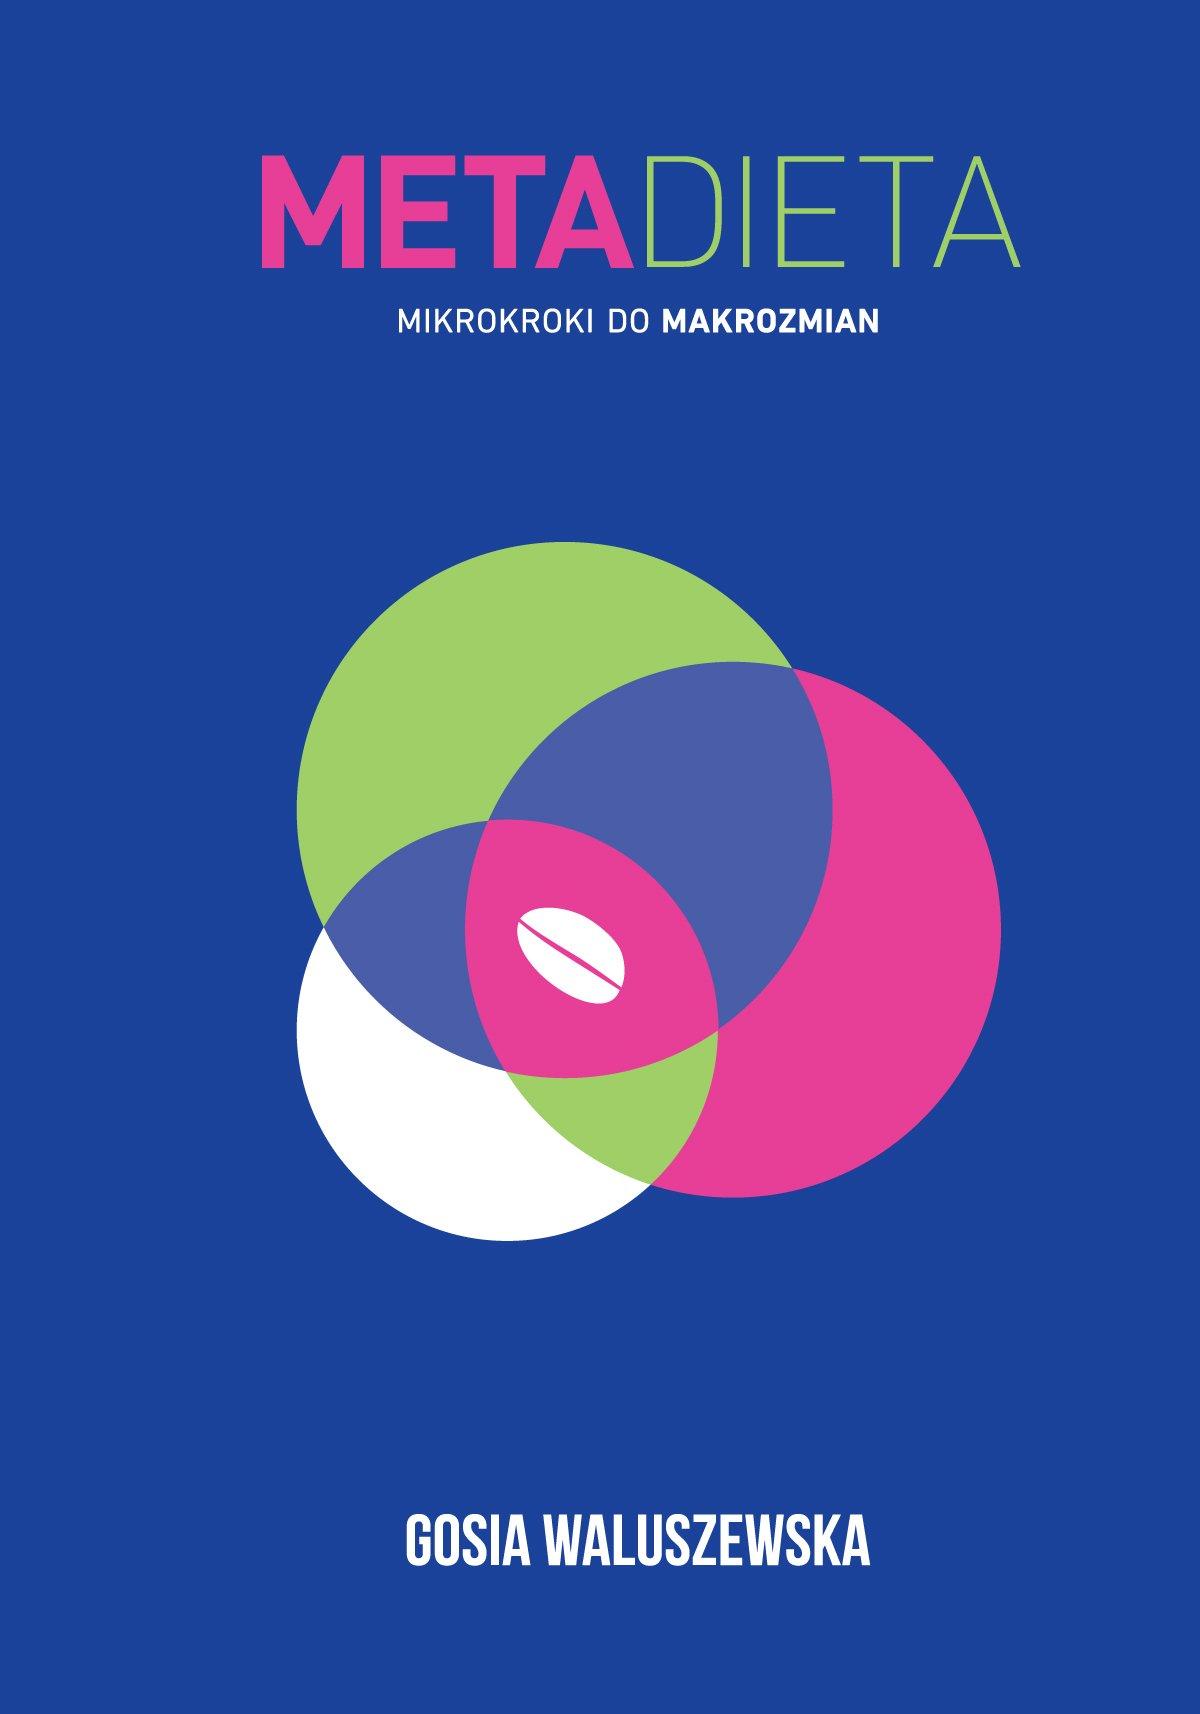 METADIETA. Mikrokroki do makrozmian - Ebook (Książka na Kindle) do pobrania w formacie MOBI